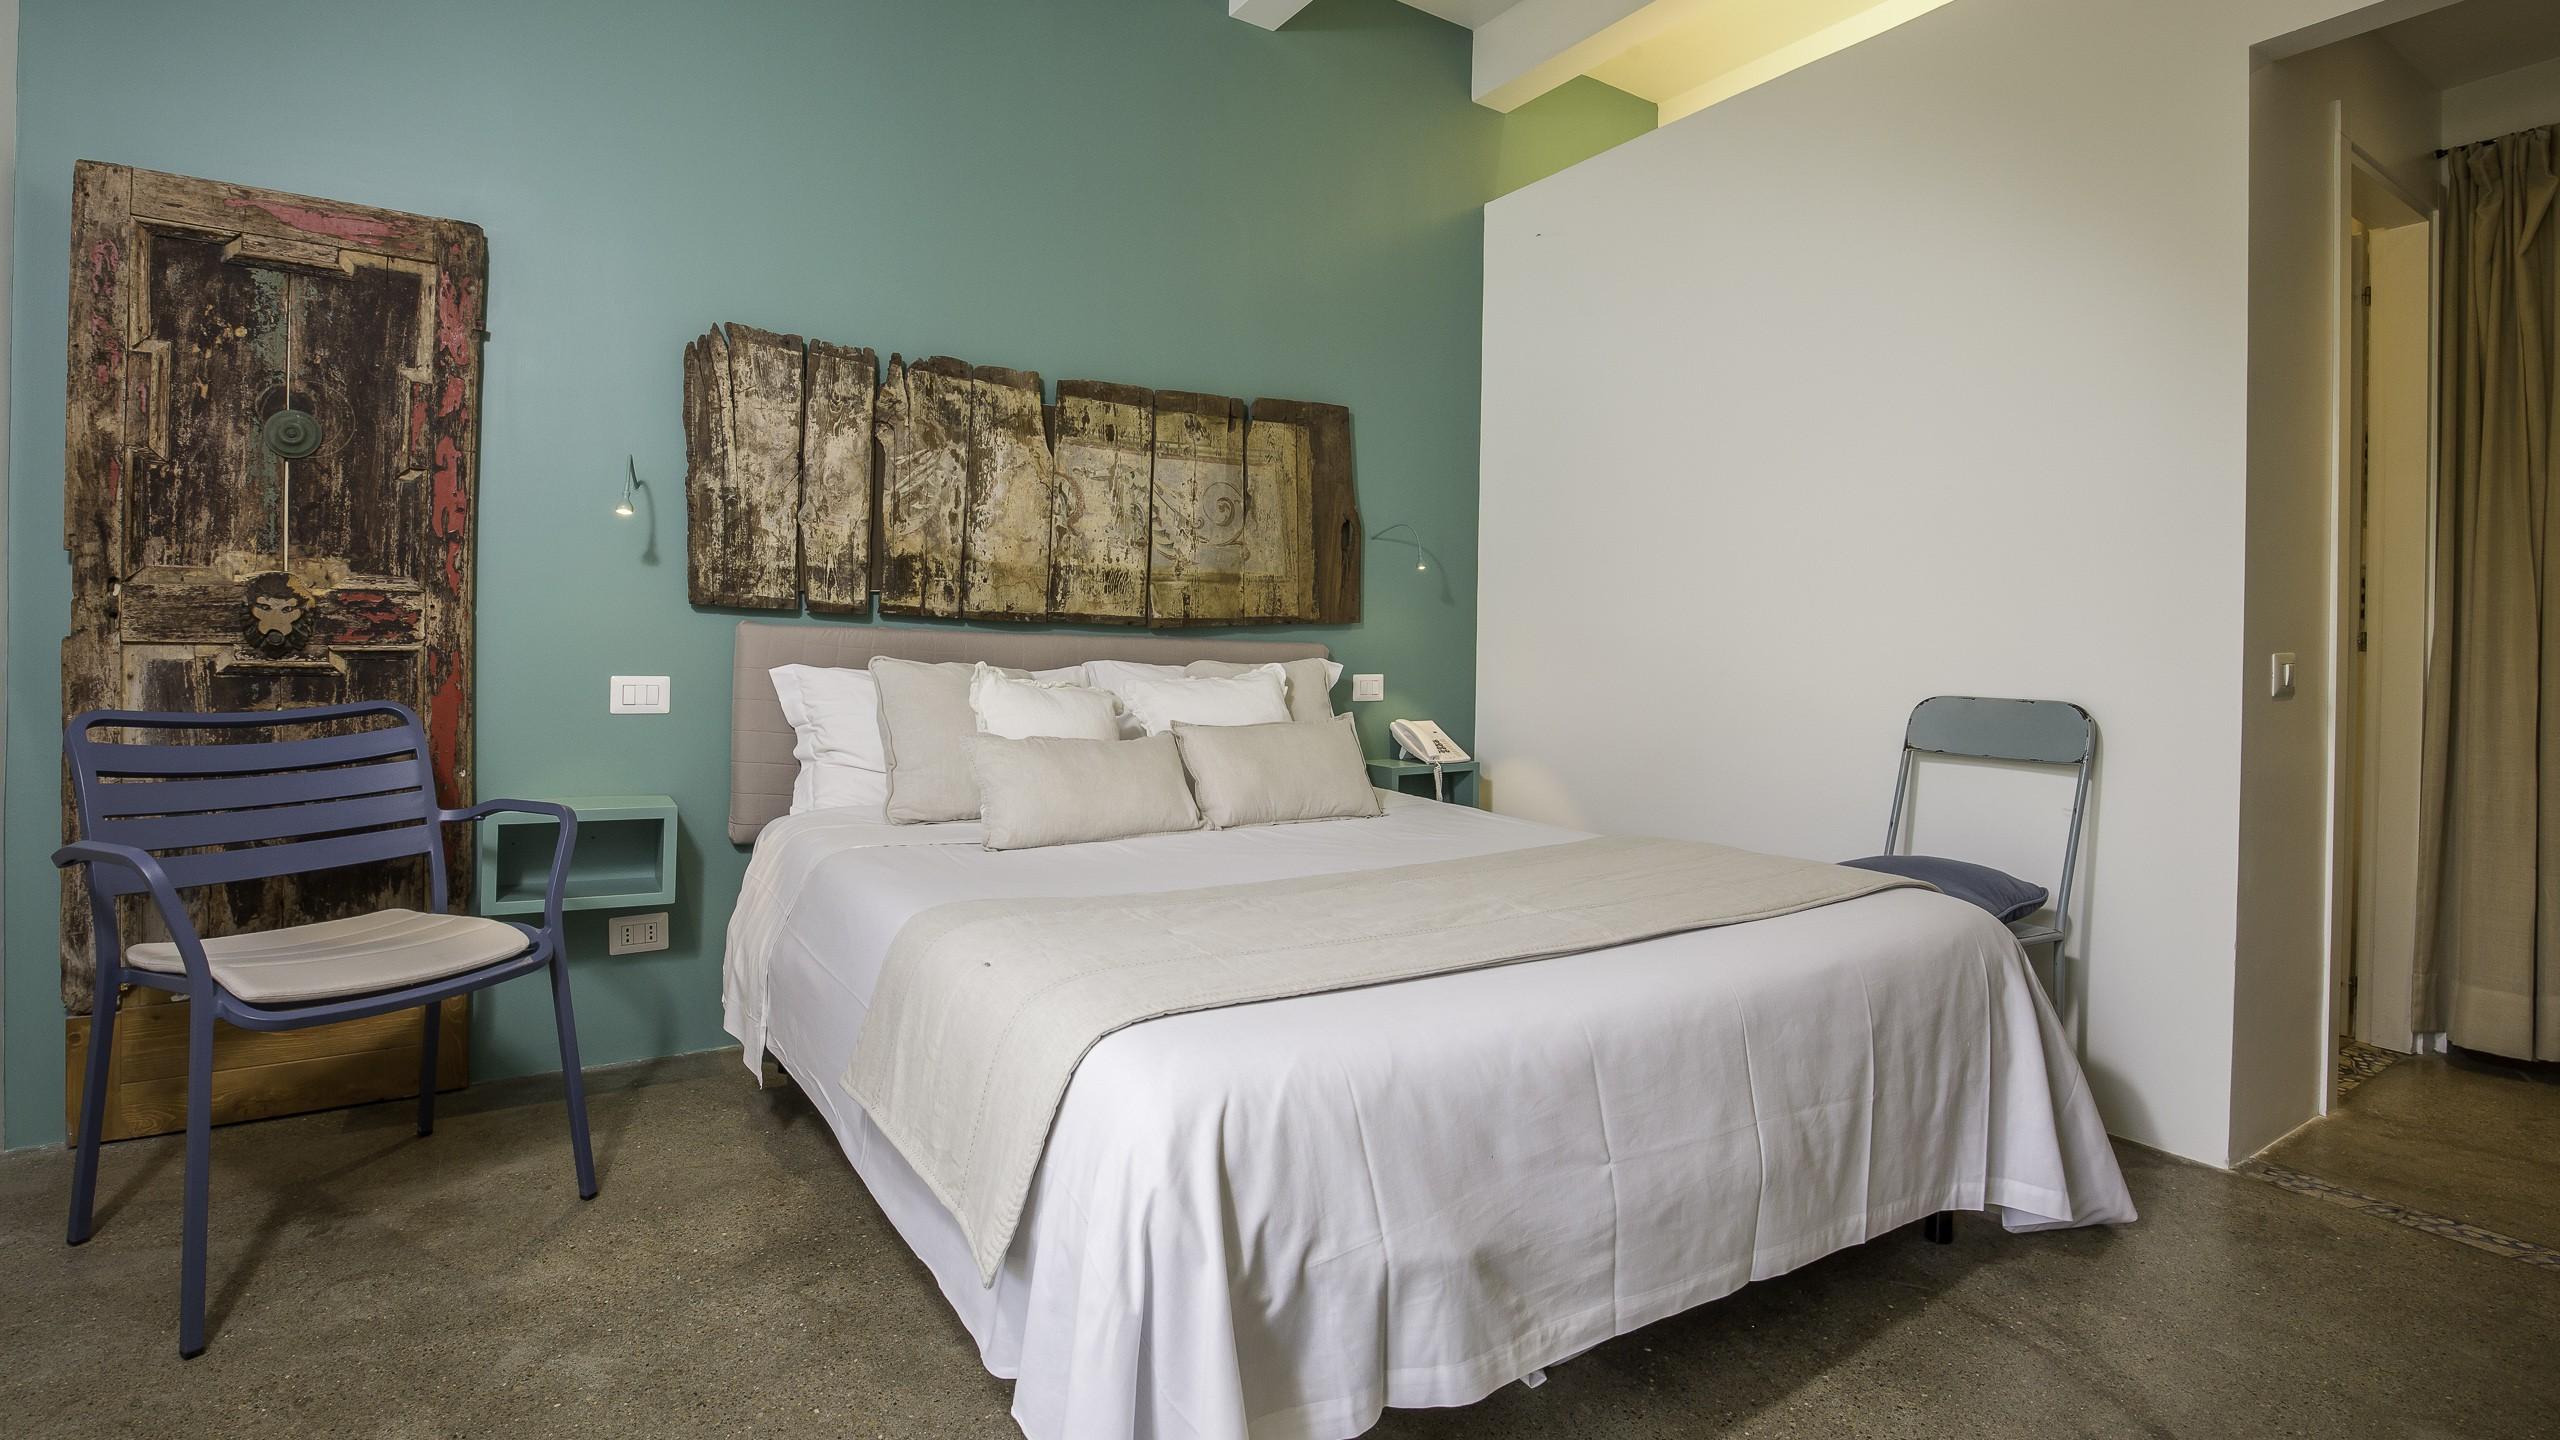 Intorno-al-Fico-Hotel-al-mare-fiumicino-camere-056